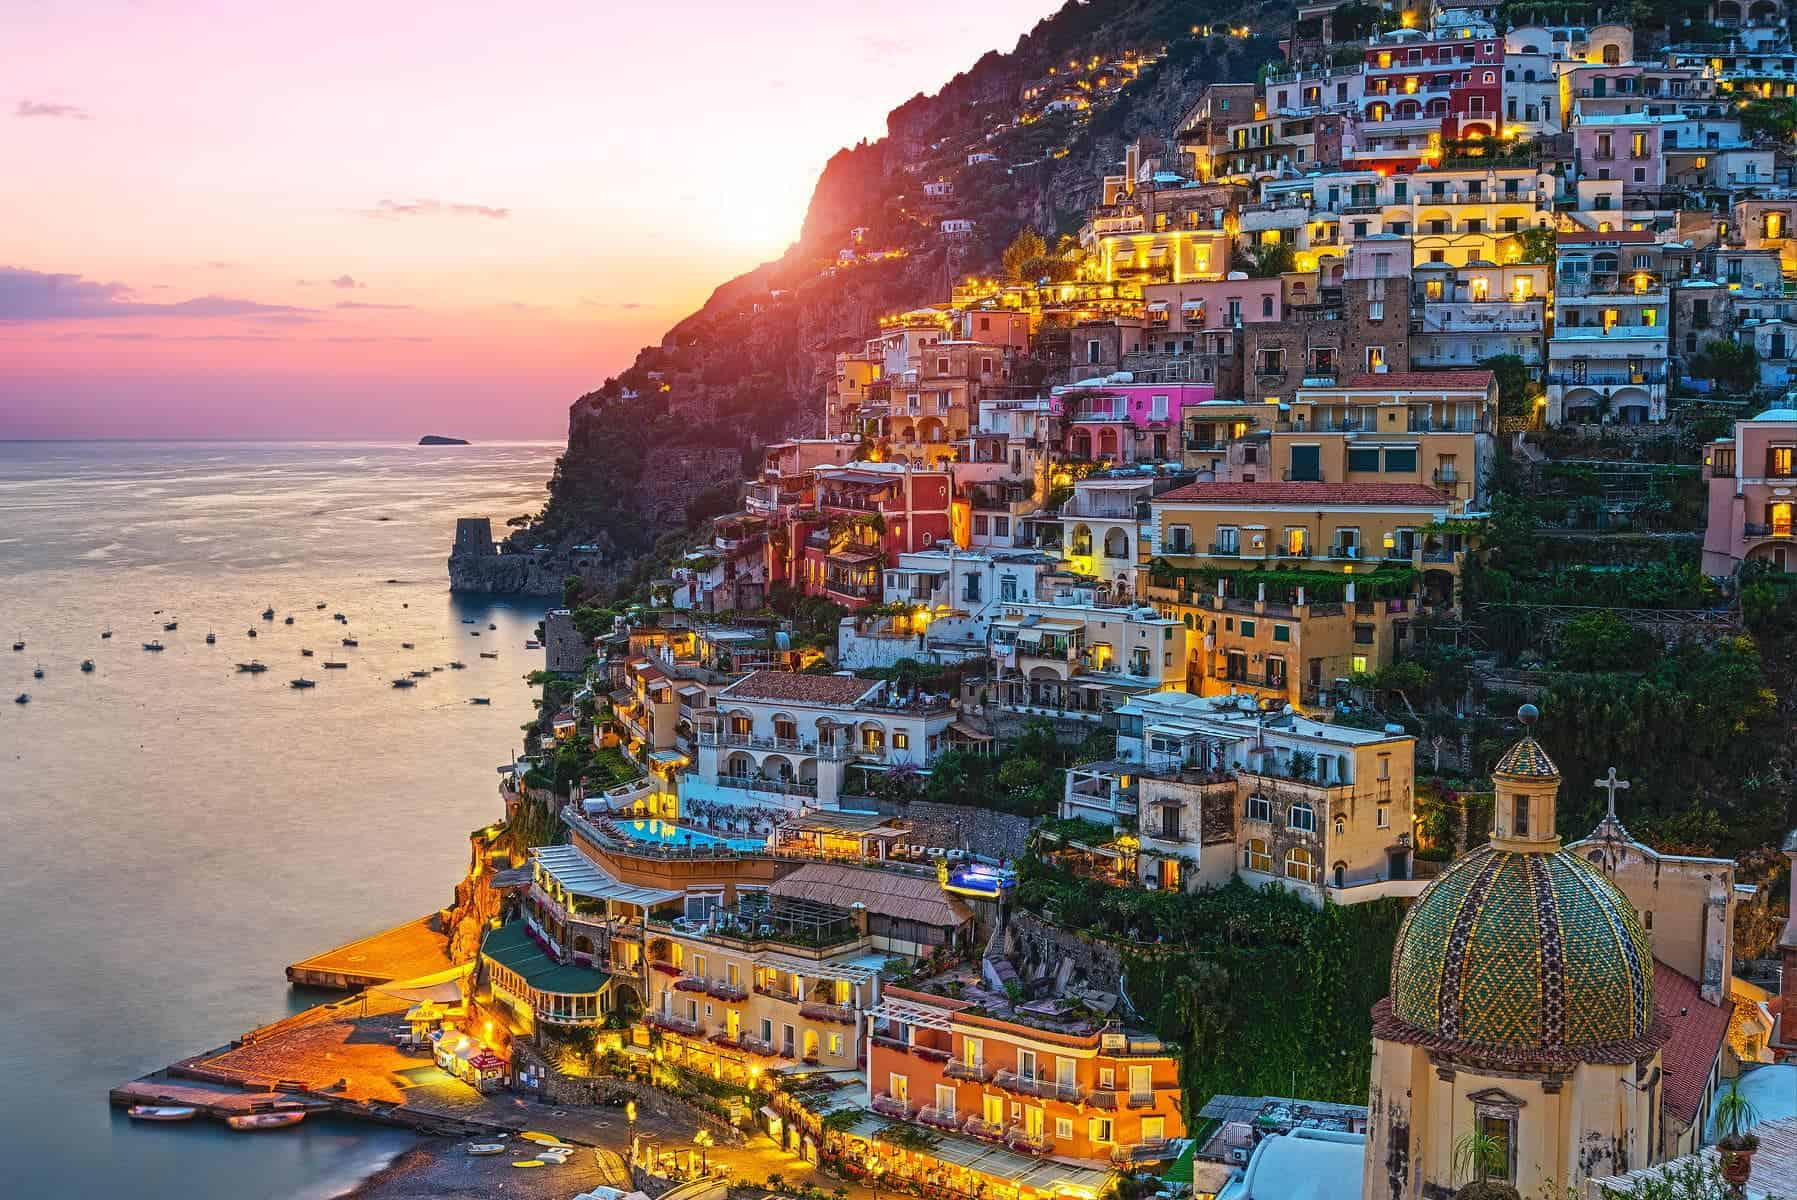 أجمل 10 قرى في الريف الإيطالي ننصحكم بزيارتها